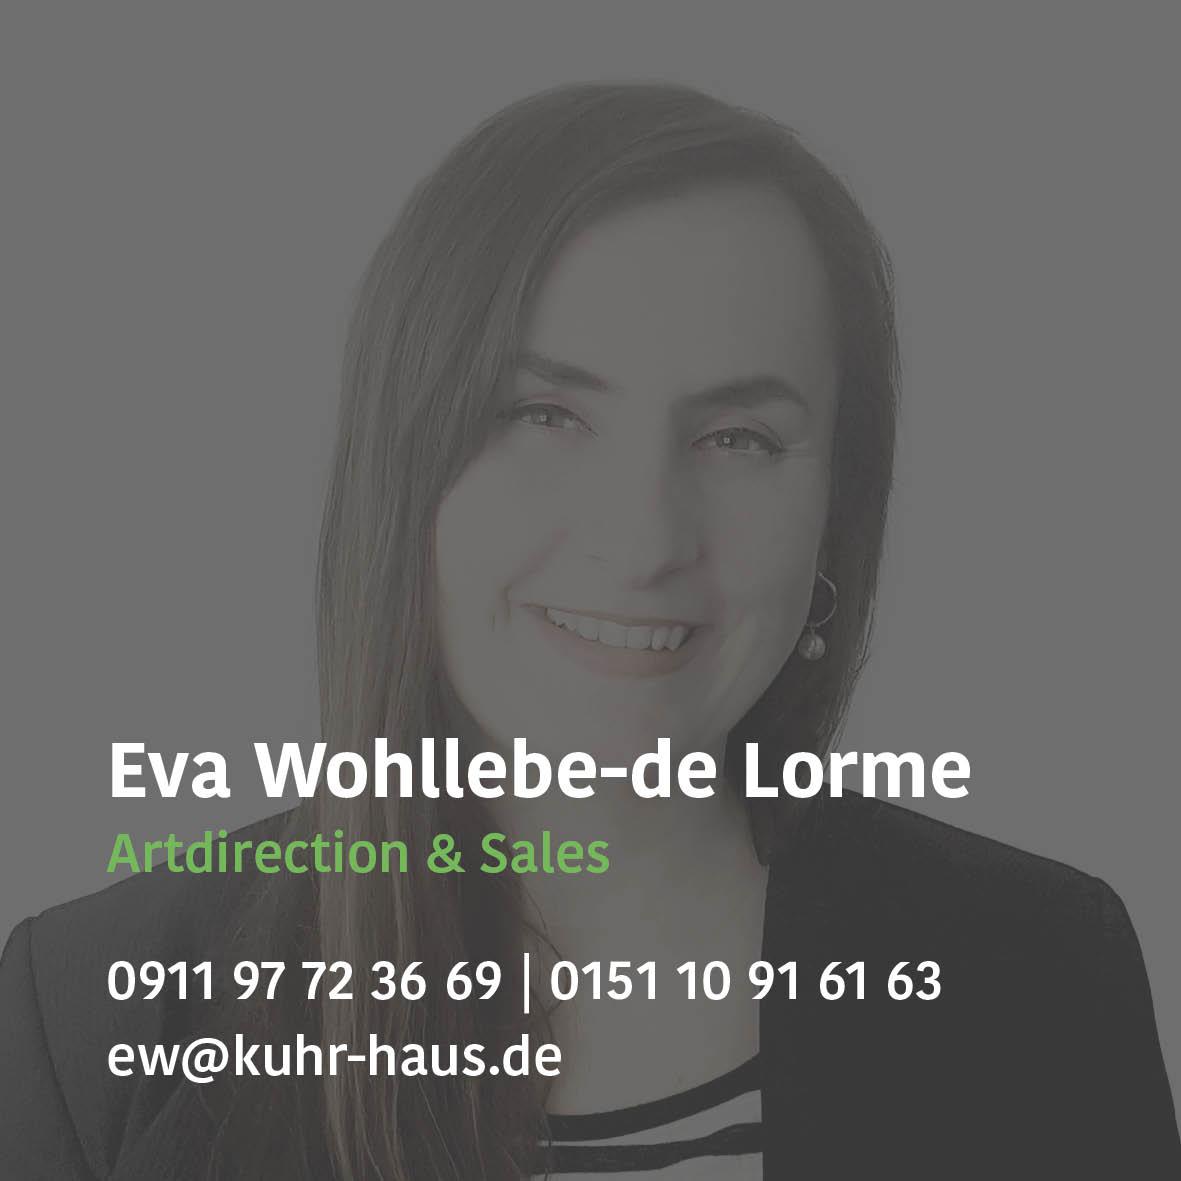 Kuhrhaus_Wollebe-de_Lorme_Kontakt